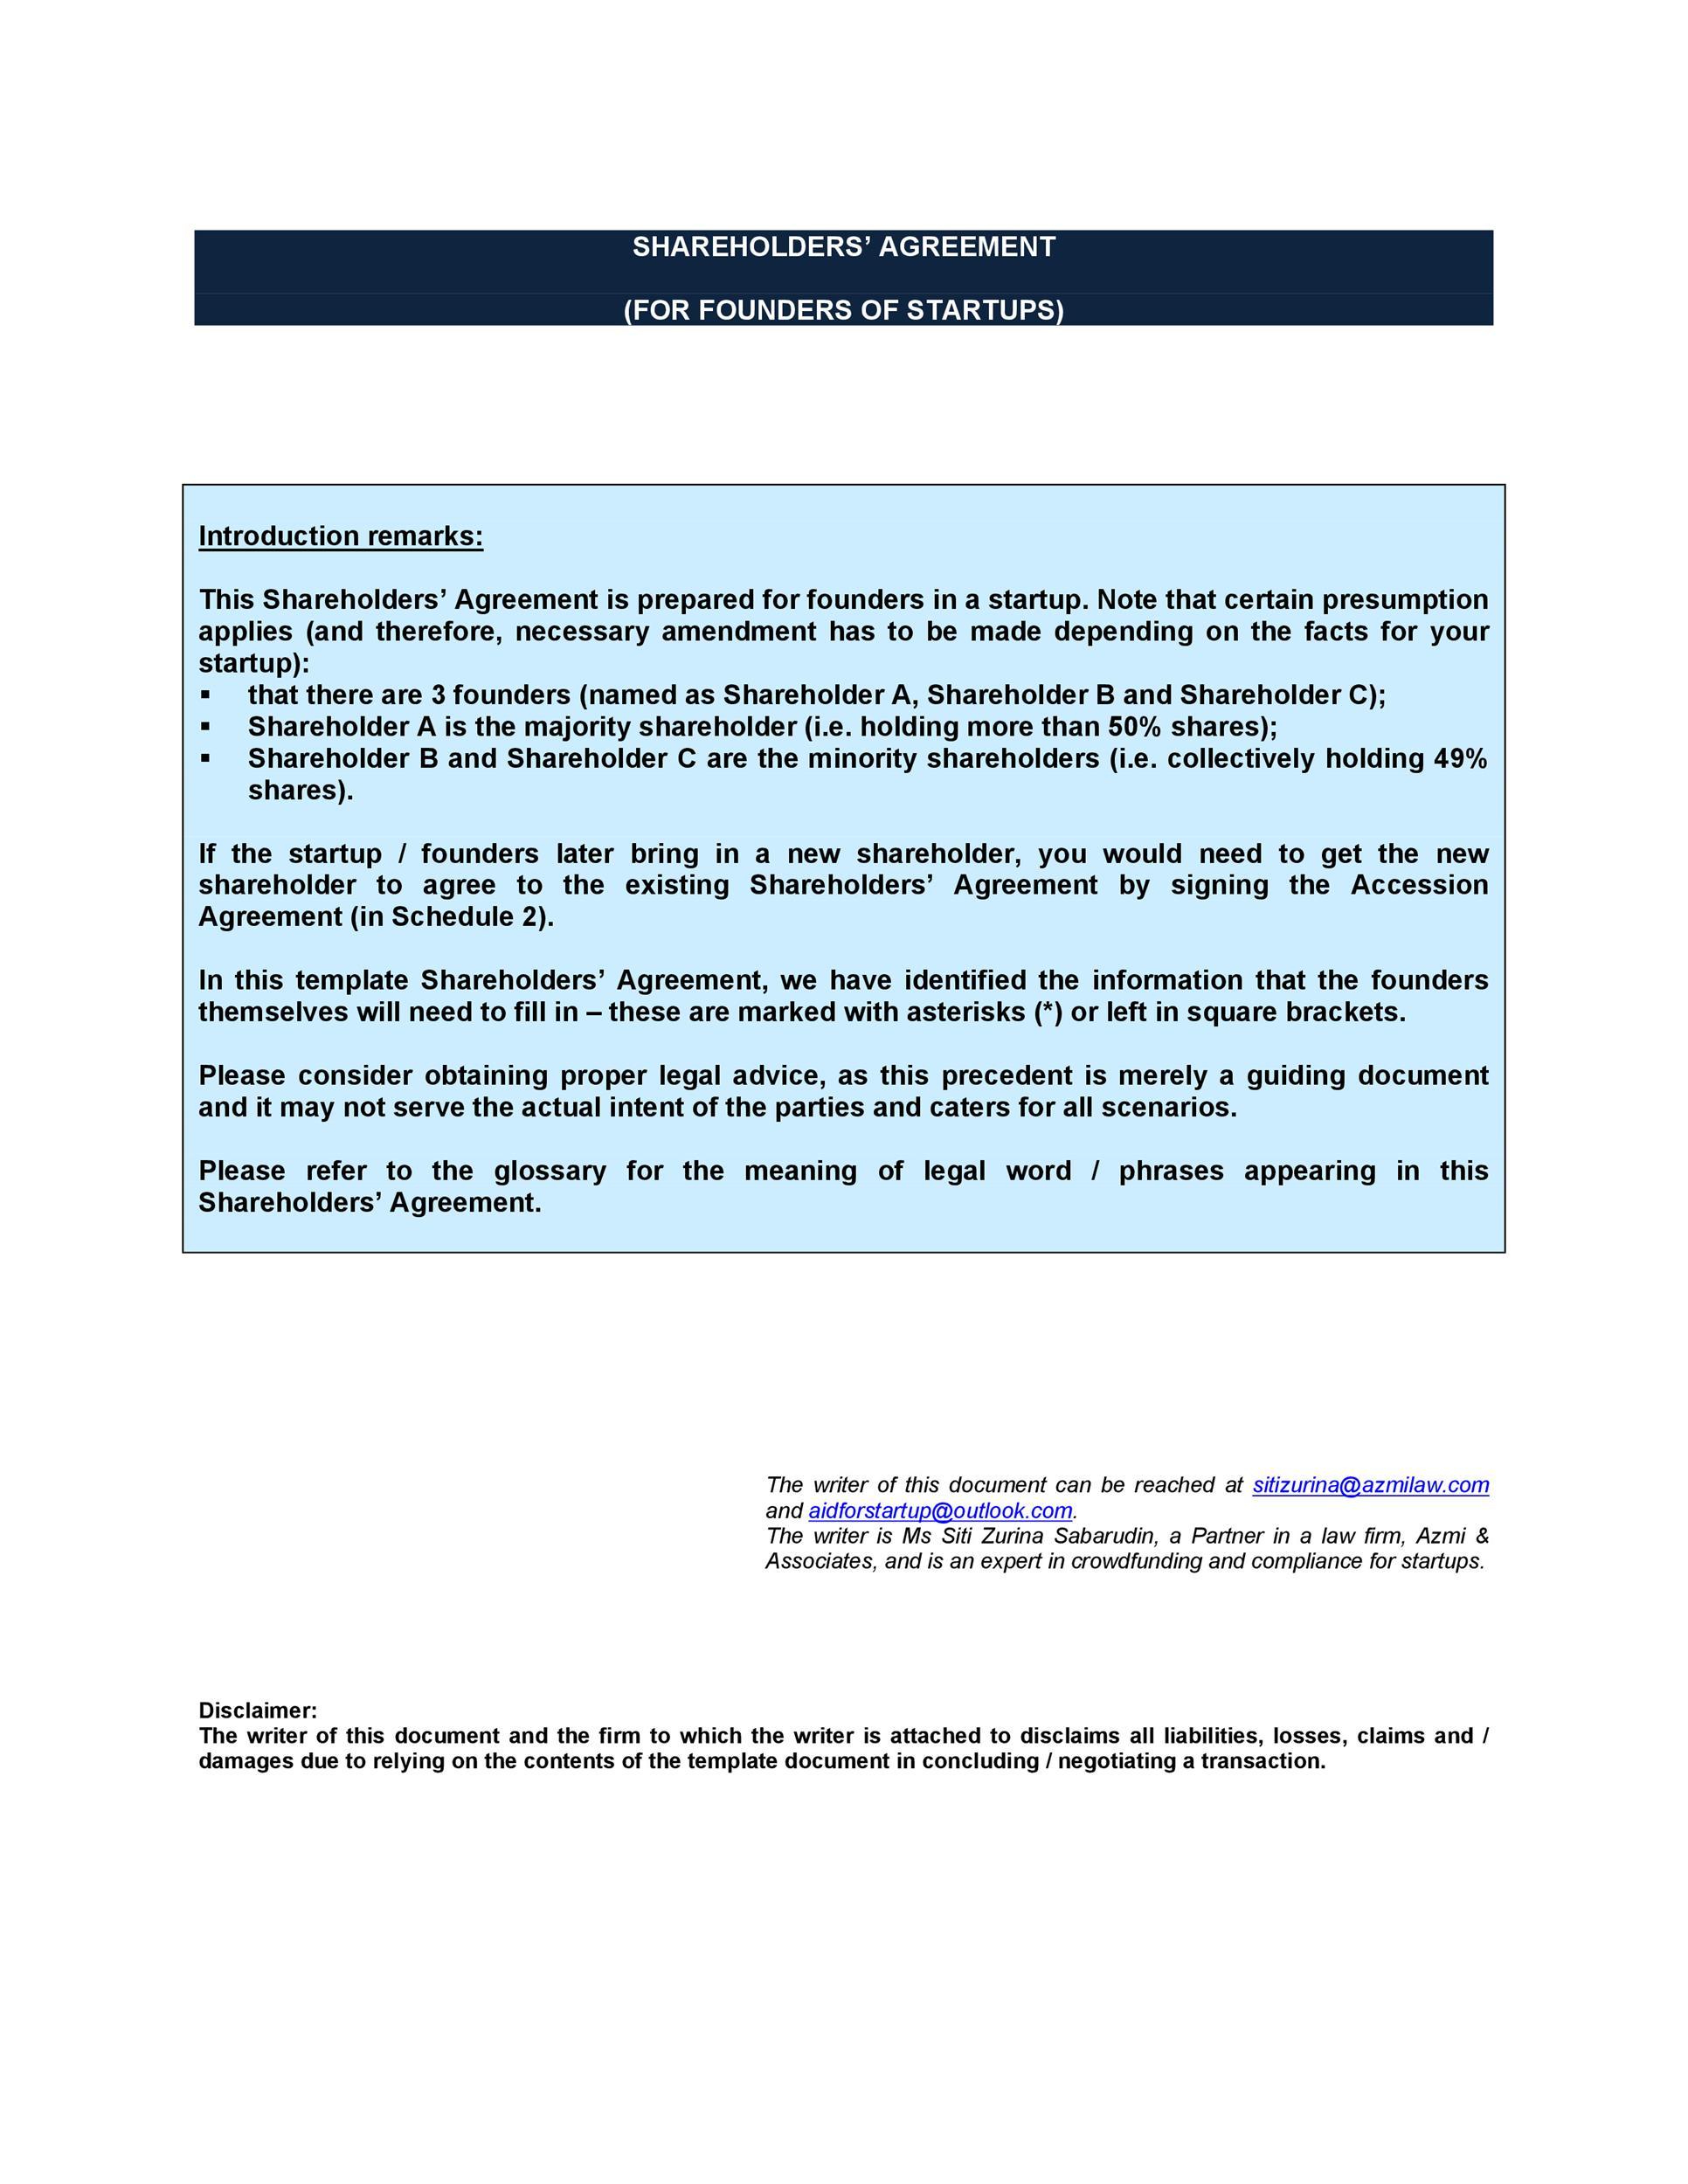 Free shareholder agreement 45